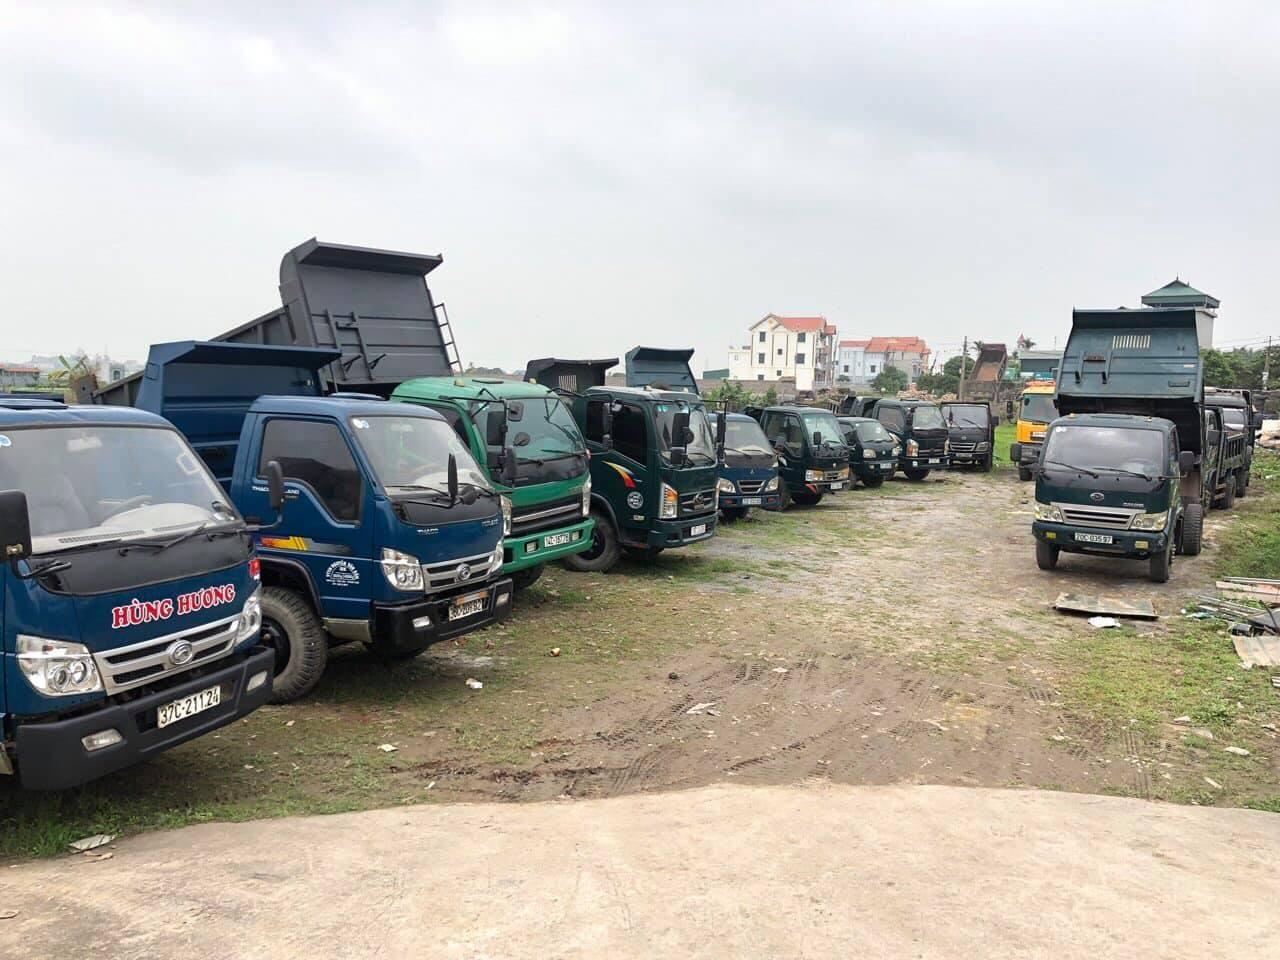 Mua bán xe ben cũ tại Quảng Ninh